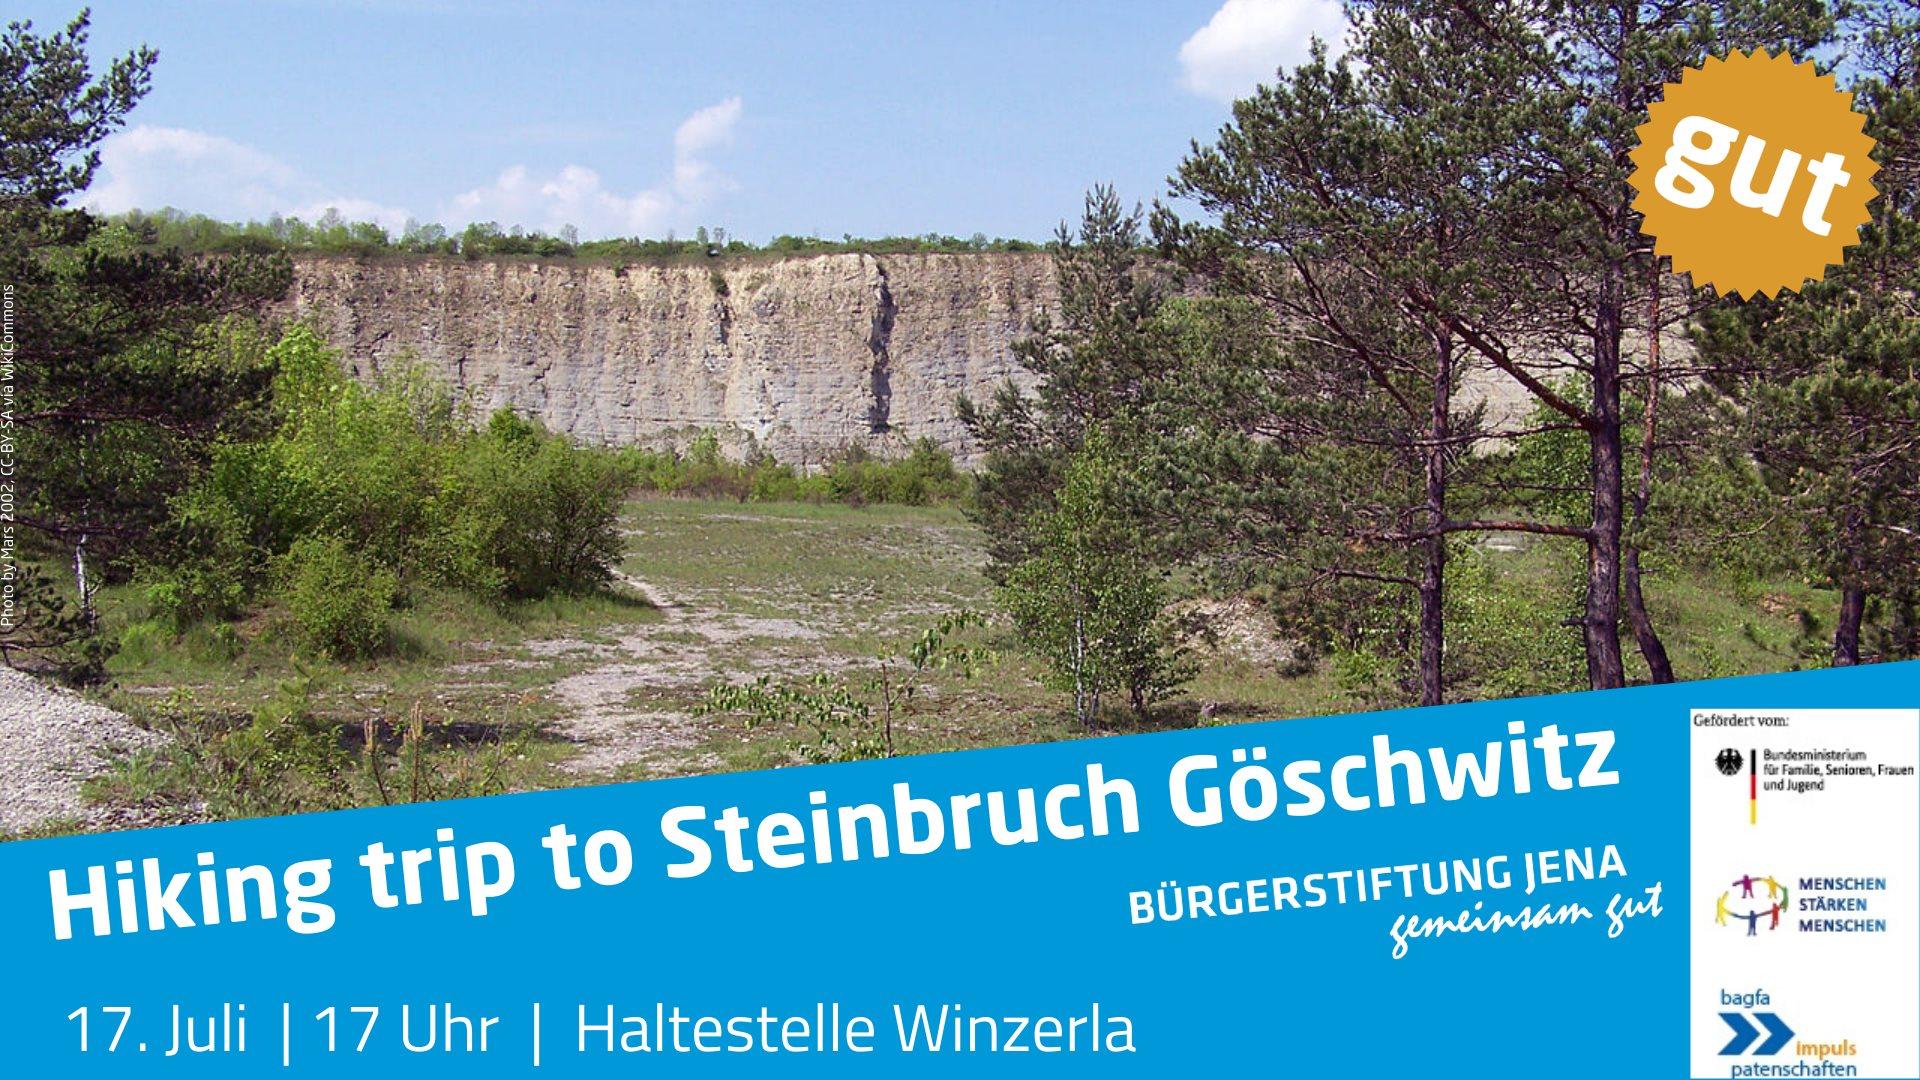 Hiking trip to Steinbruch Göschwitz